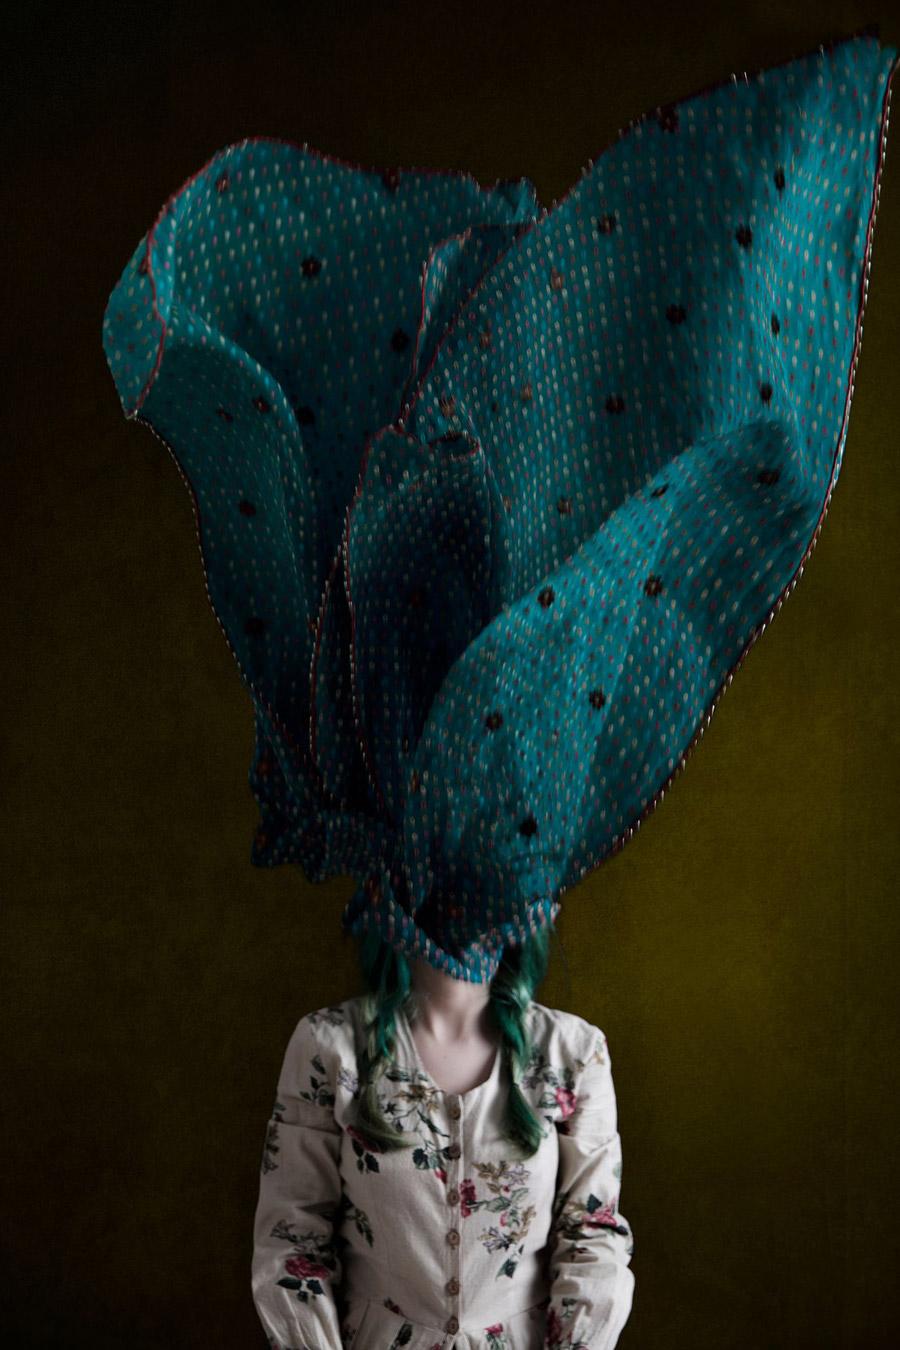 Моя скрытая свобода II — Иран, © Маринка Массеус / Marinka Masséus, Нидерланды, Выбор жюри, Фотоконкурс «Портрет» — LensCulture Portrait Awards